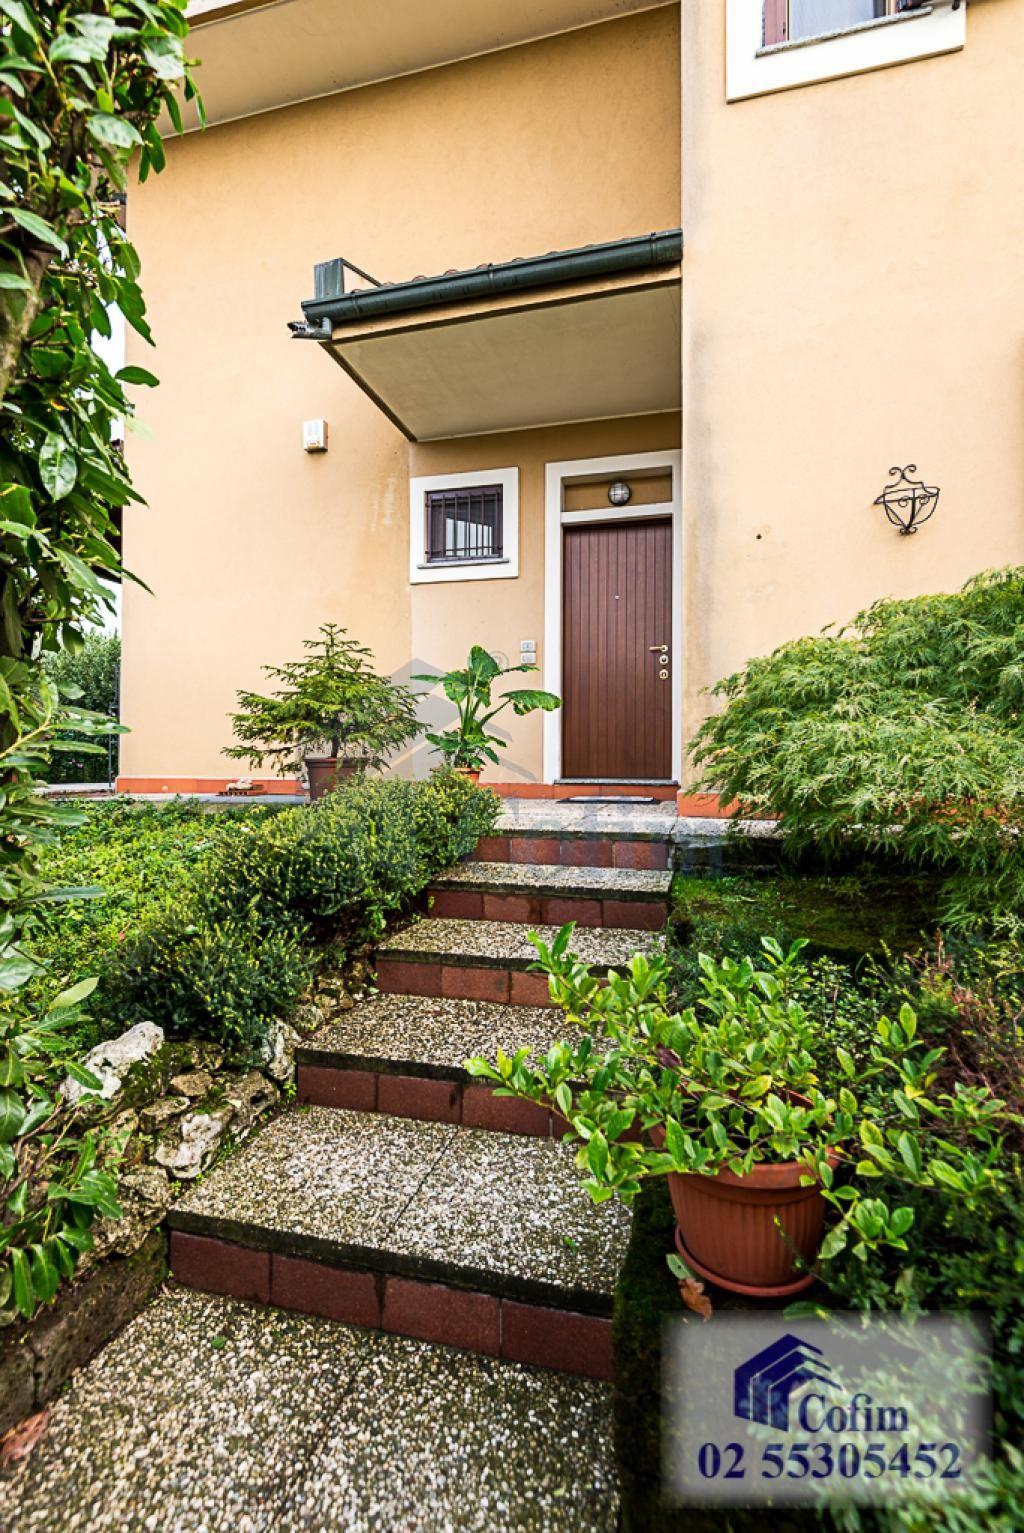 Villa a schiera con giardino su tre lati a  Zelo Foramagno (Peschiera Borromeo) in Vendita - 3